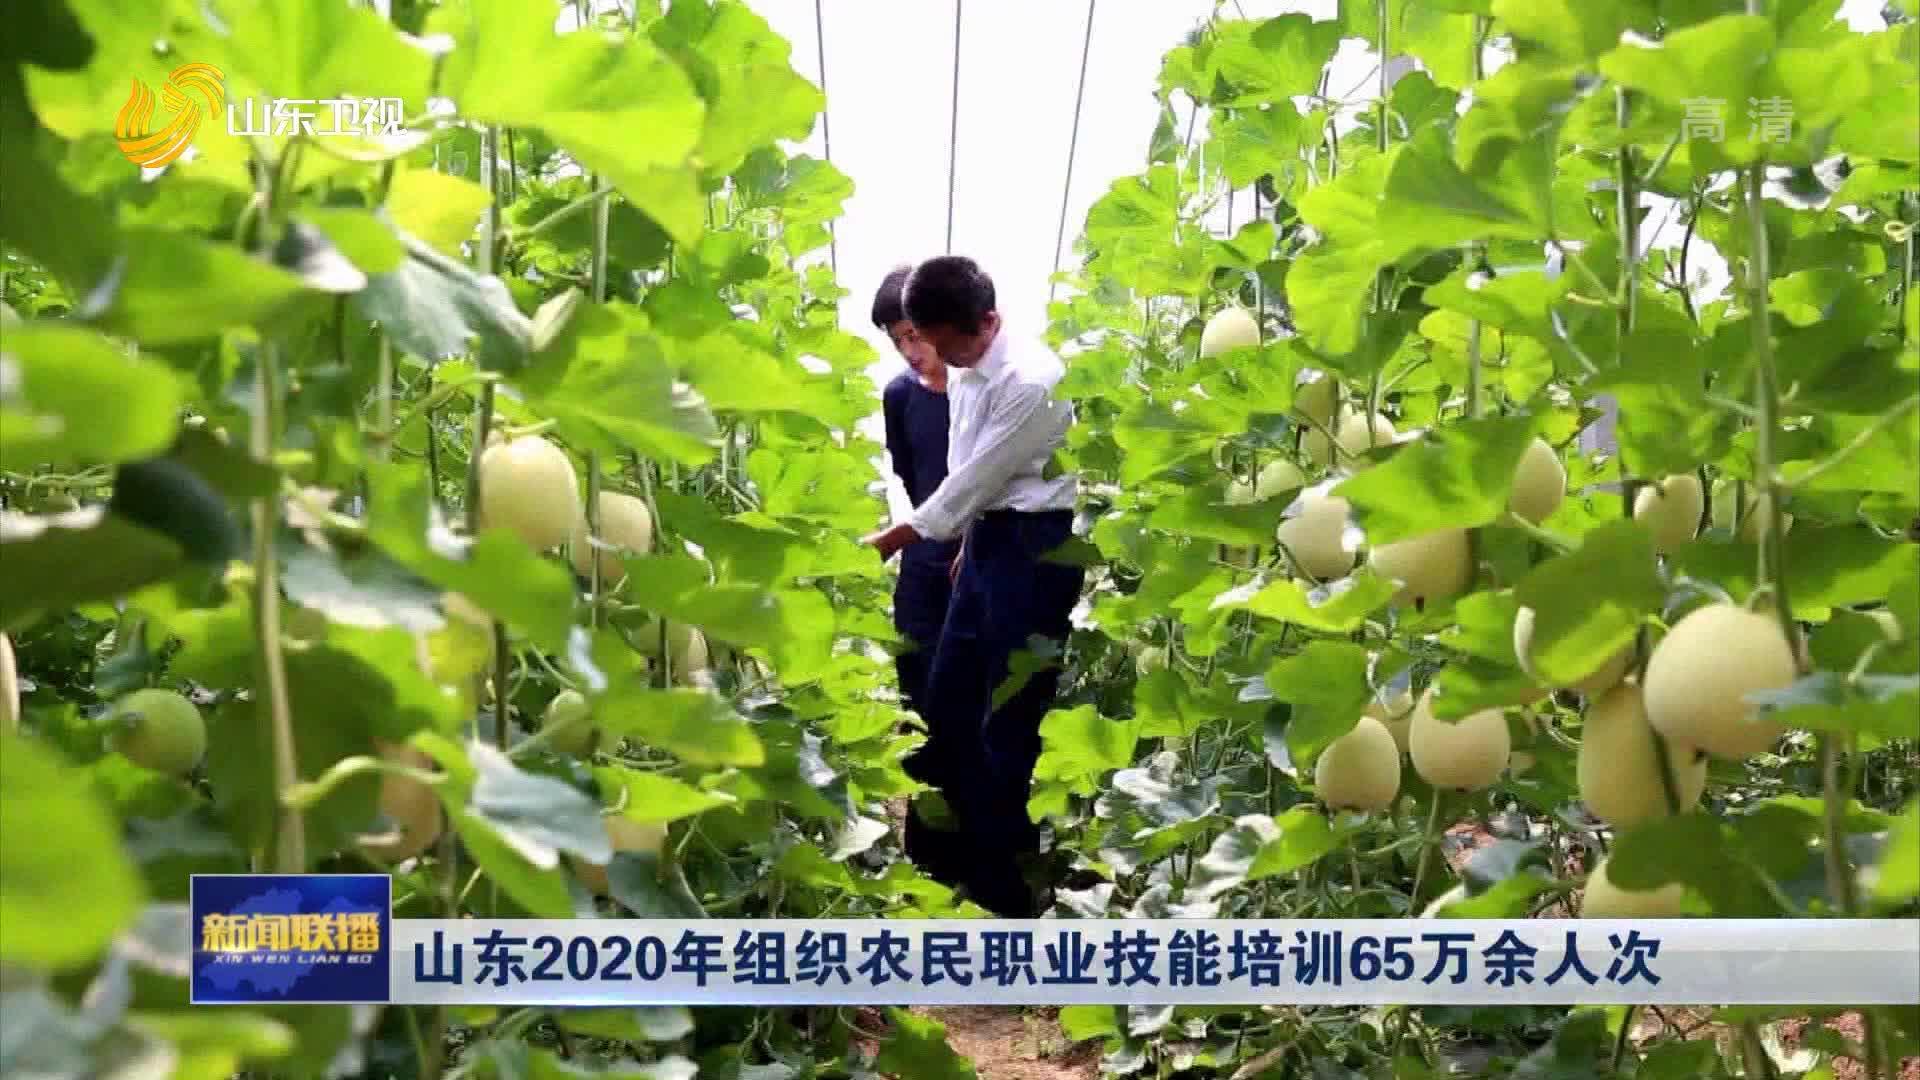 山东2020年组织农民职业技能培训65万余人次